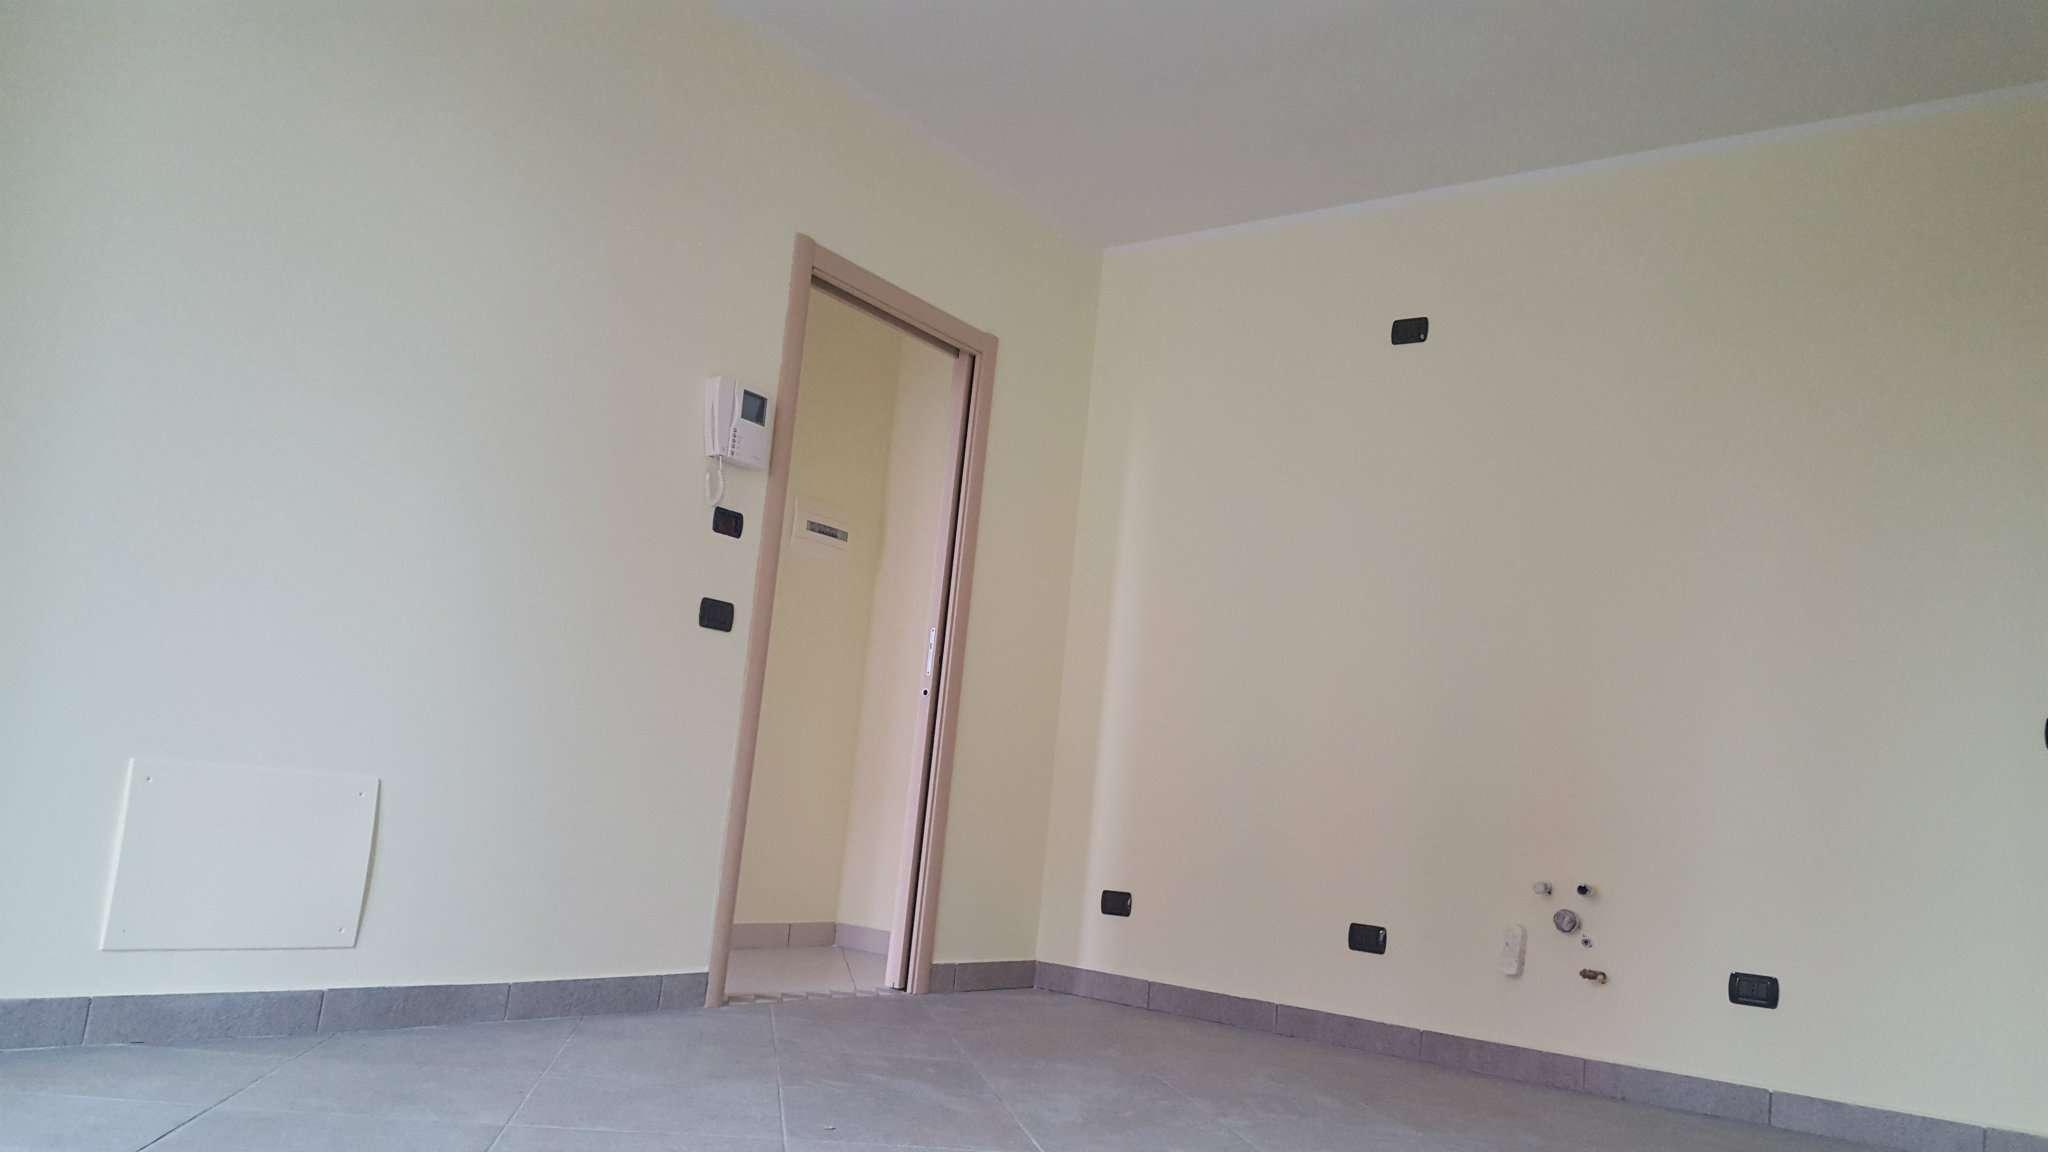 Appartamento in vendita a Pozzo d'Adda, 1 locali, prezzo € 68.000 | Cambio Casa.it